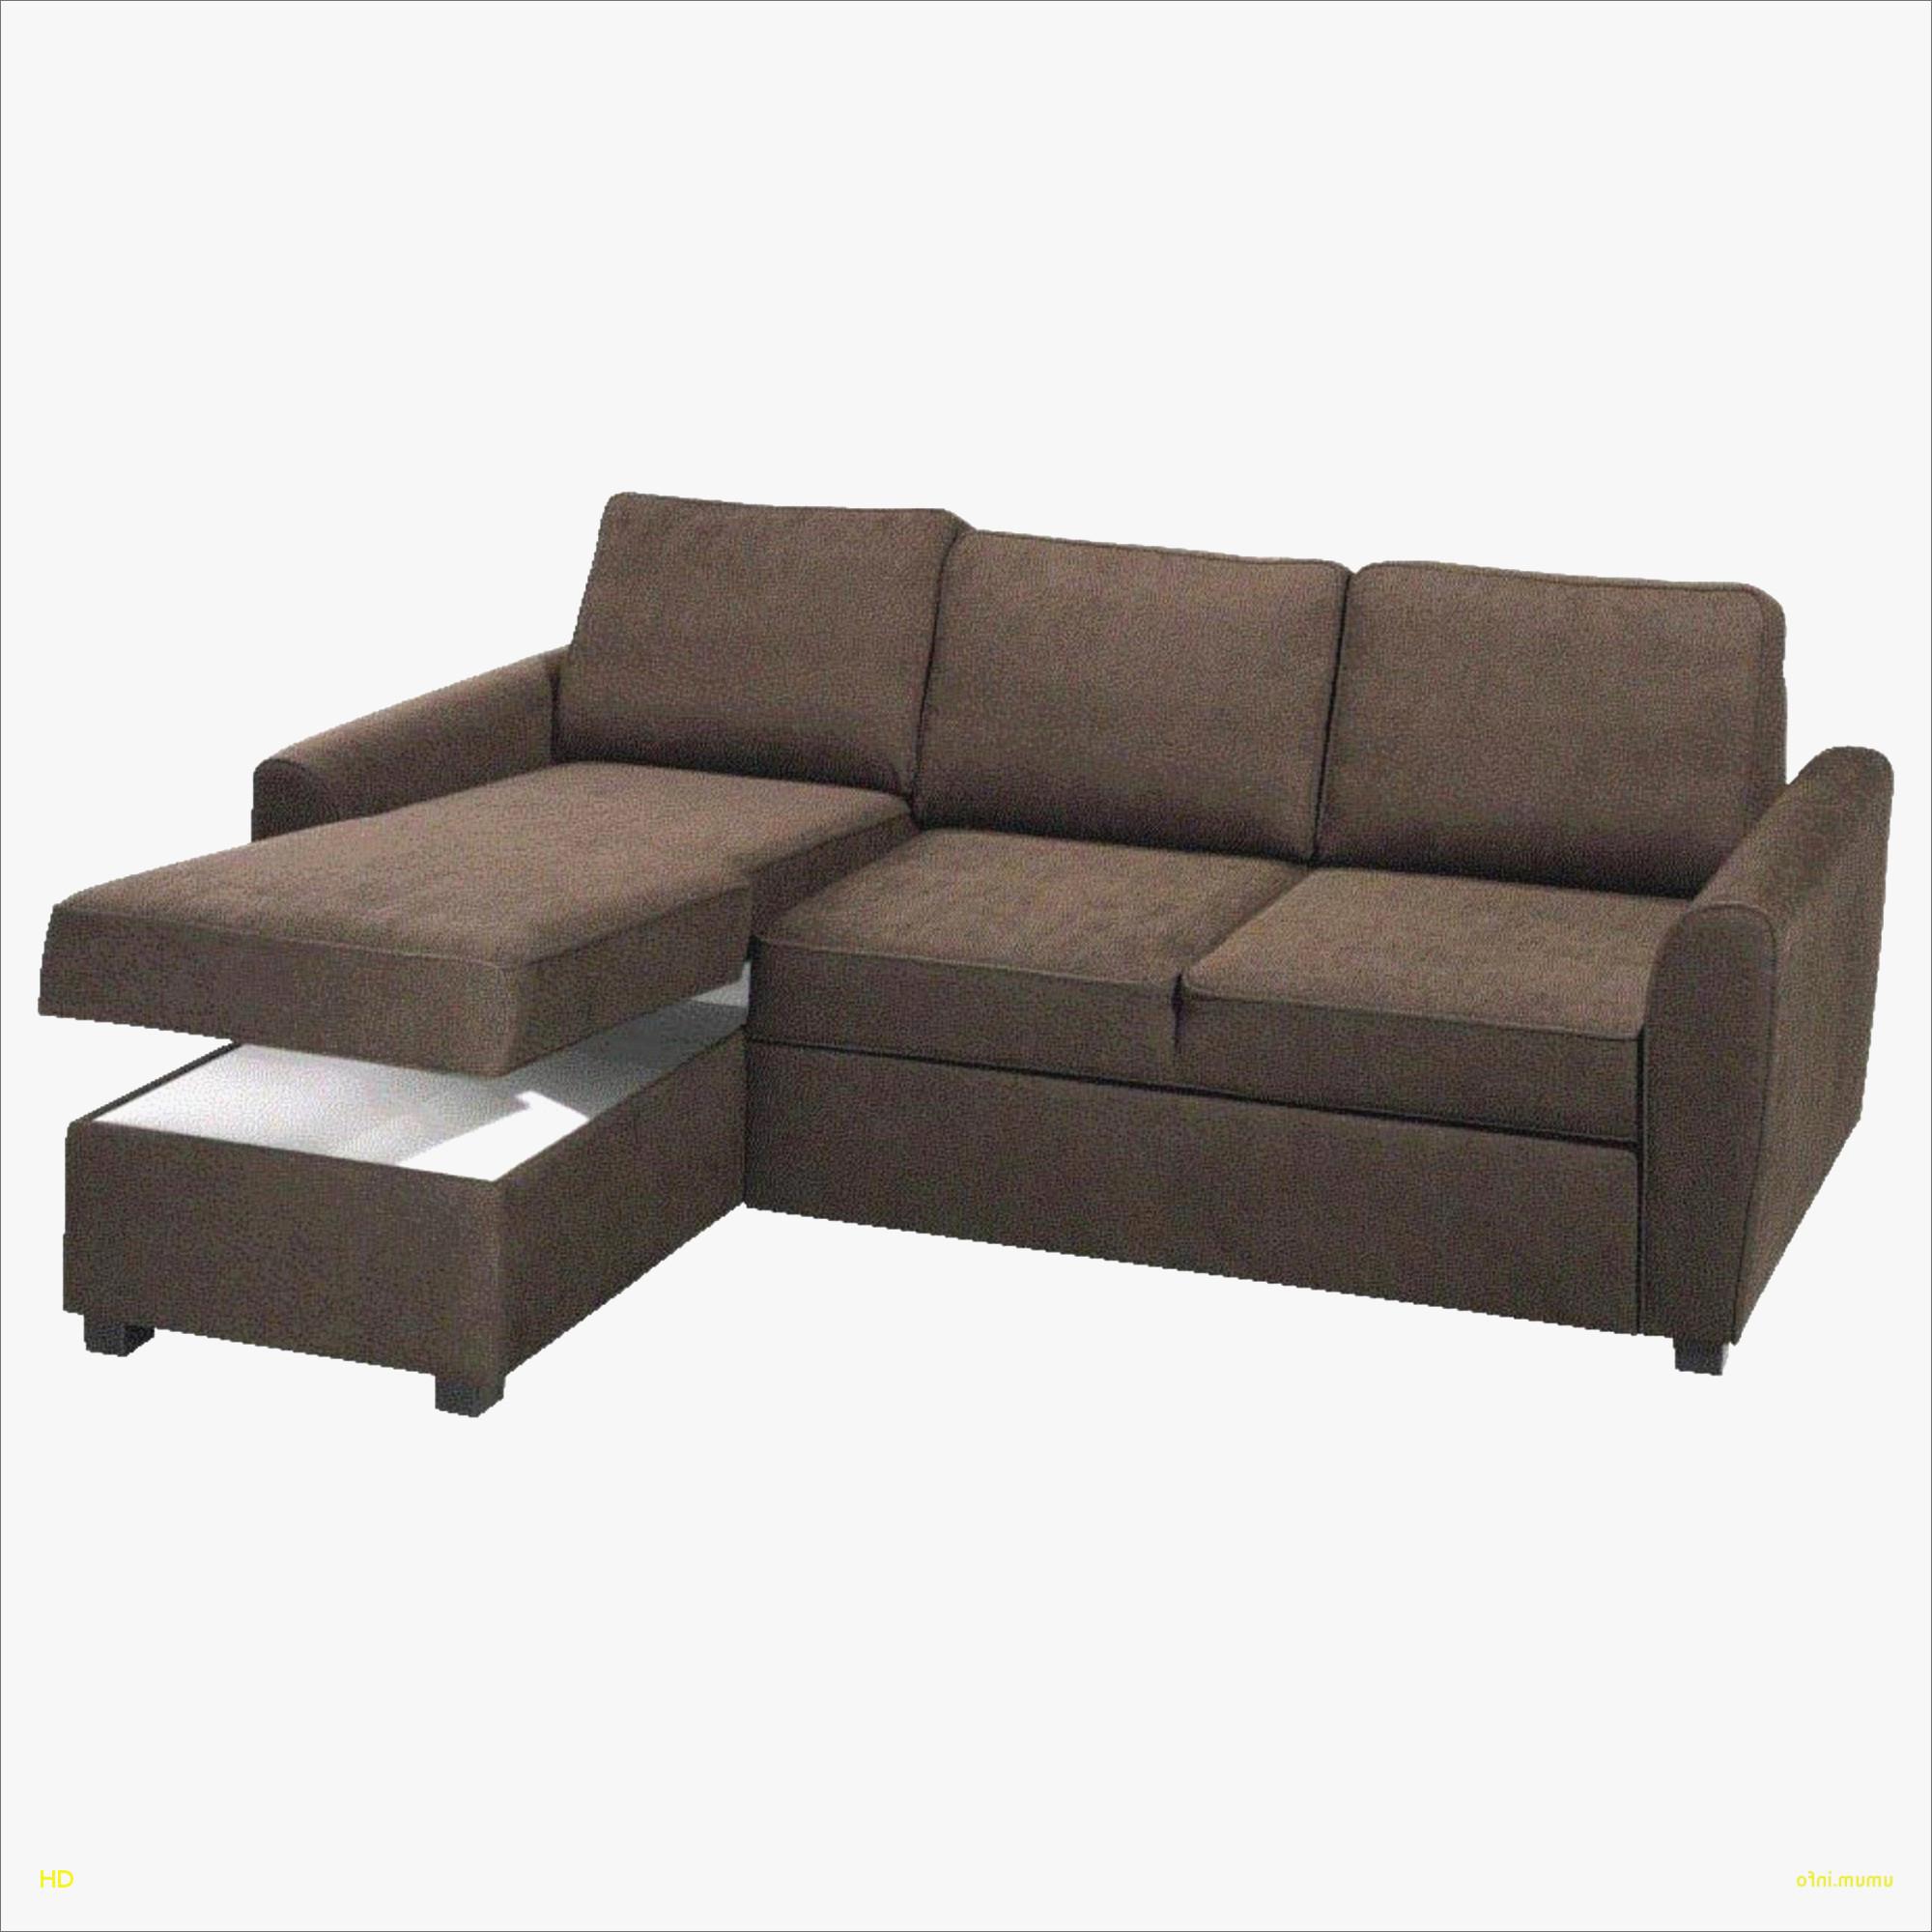 promotion ensemble canape mambo dans votre magasin carrefour prixing destine a clic clac canap c3 a9 cuir carrefour frais impressionnant futon convertible 125